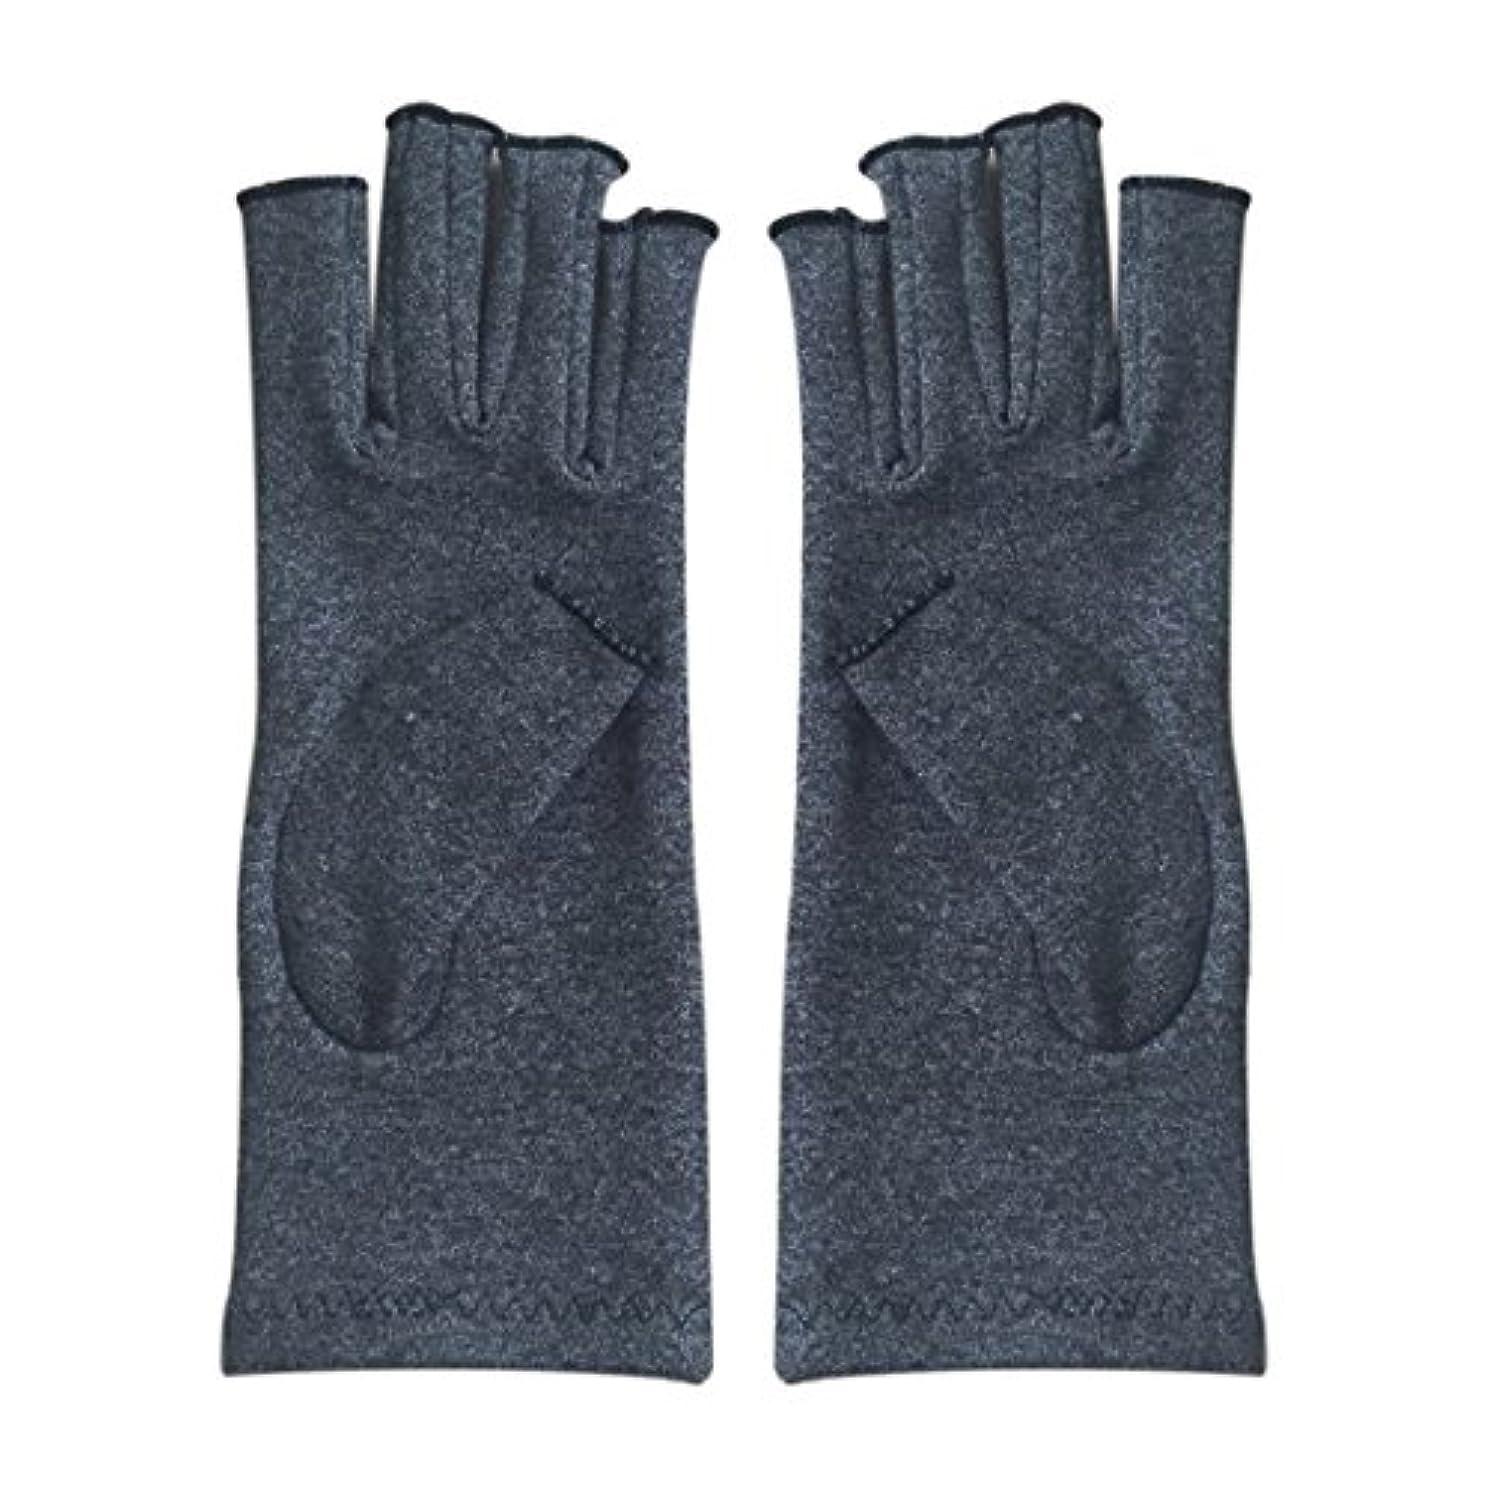 法医学真空イチゴACAMPTAR 1ペア成人男性女性用弾性コットンコンプレッション手袋手関節炎関節痛鎮痛軽減S -灰色、S